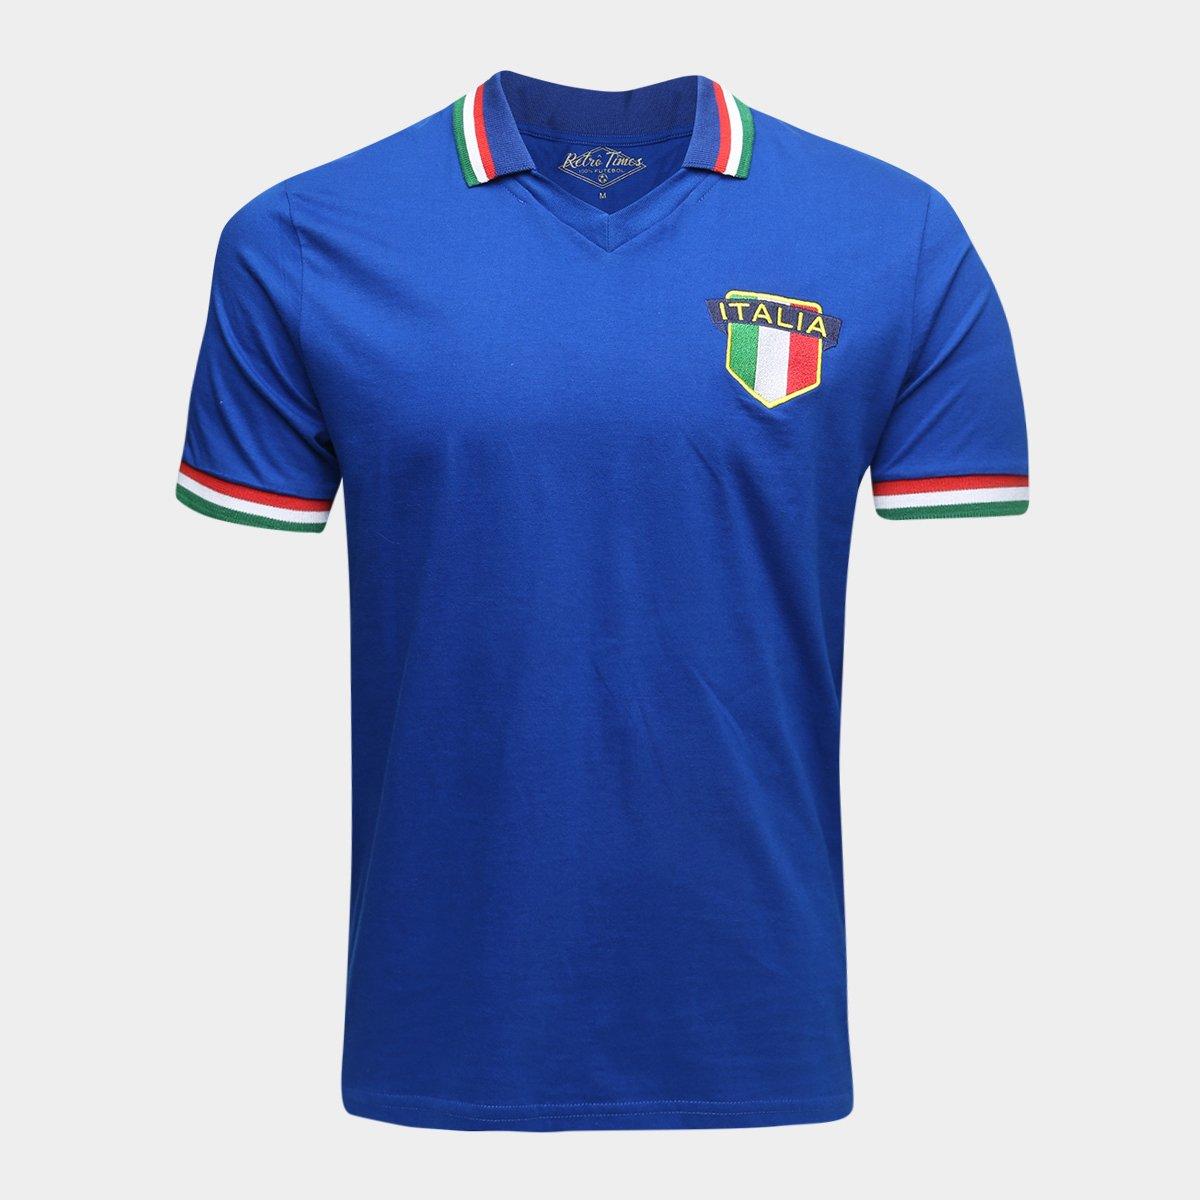 Camisa Polo Itália 1982 Retrô Times Masculina - Compre Agora ... c295081c10eb0